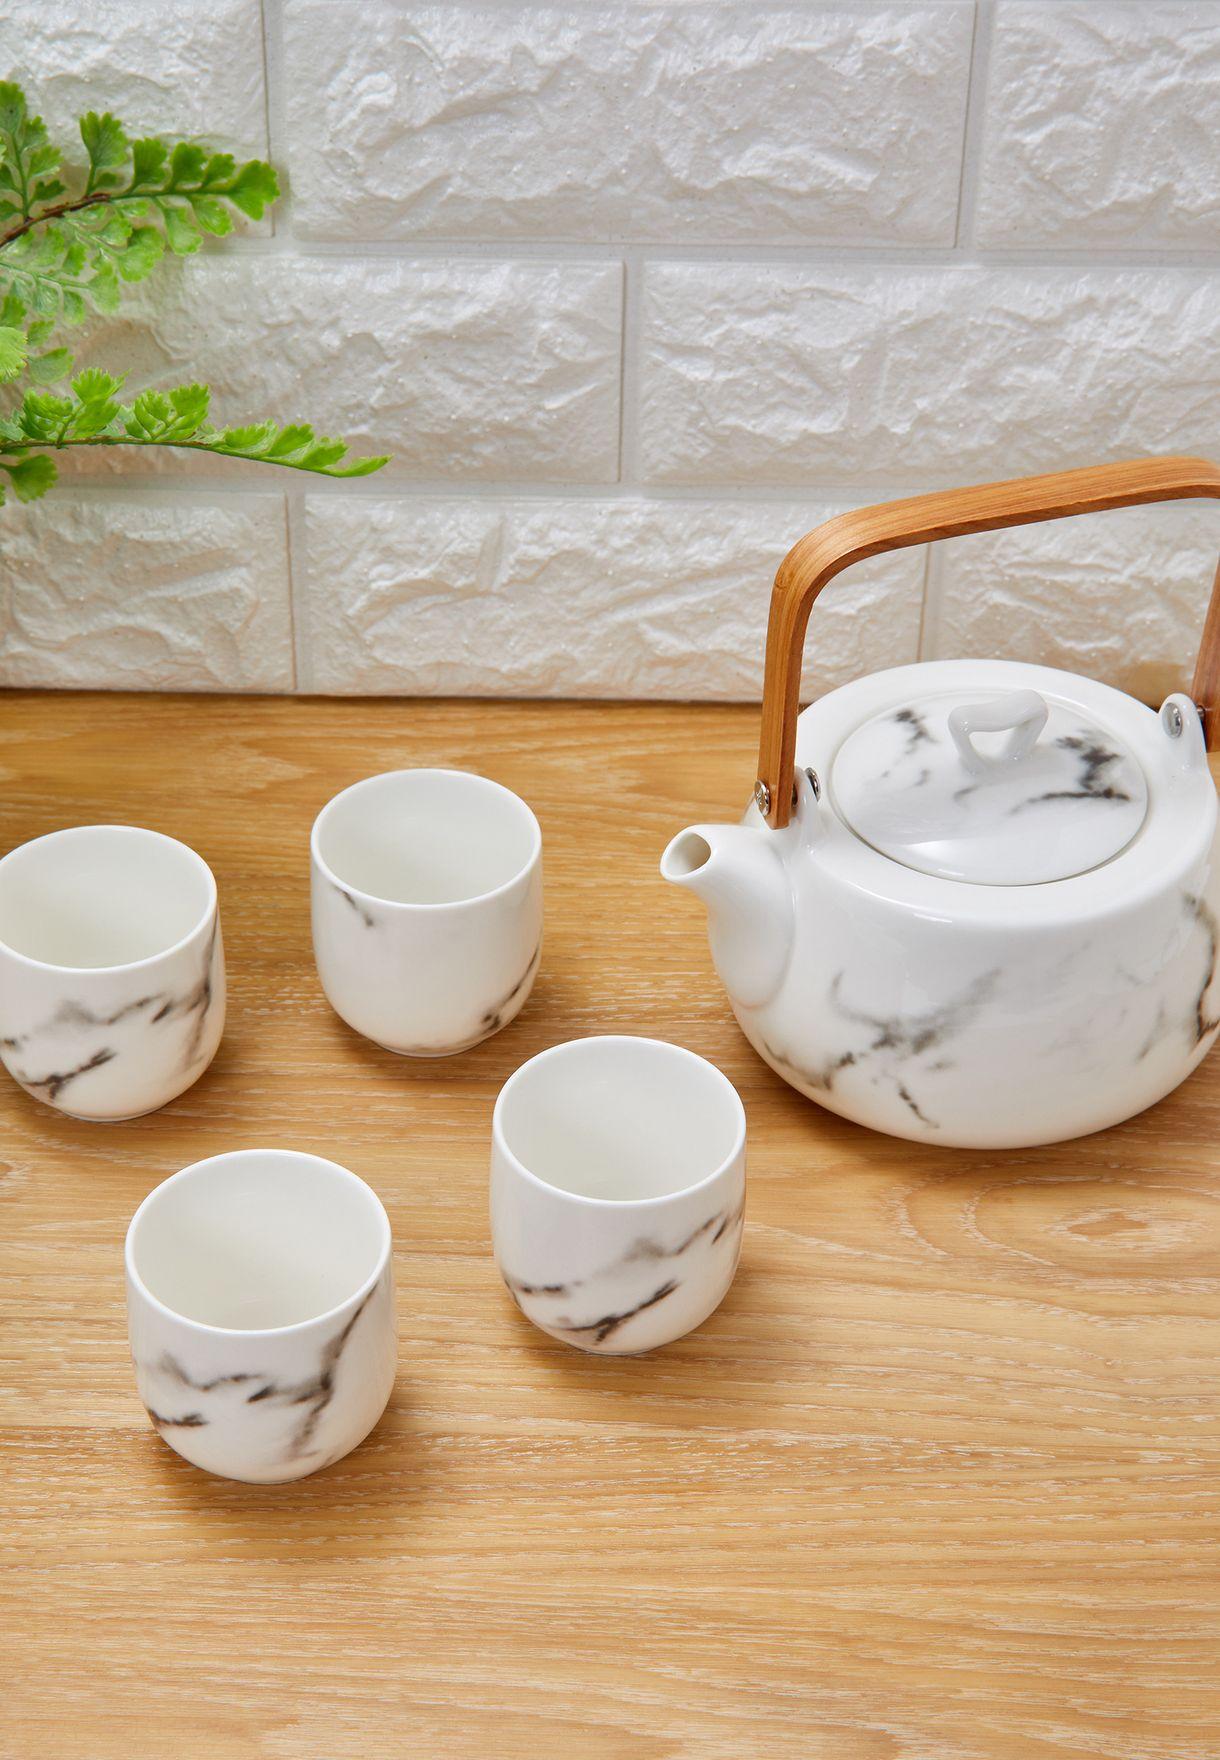 طقم شاي رخامي